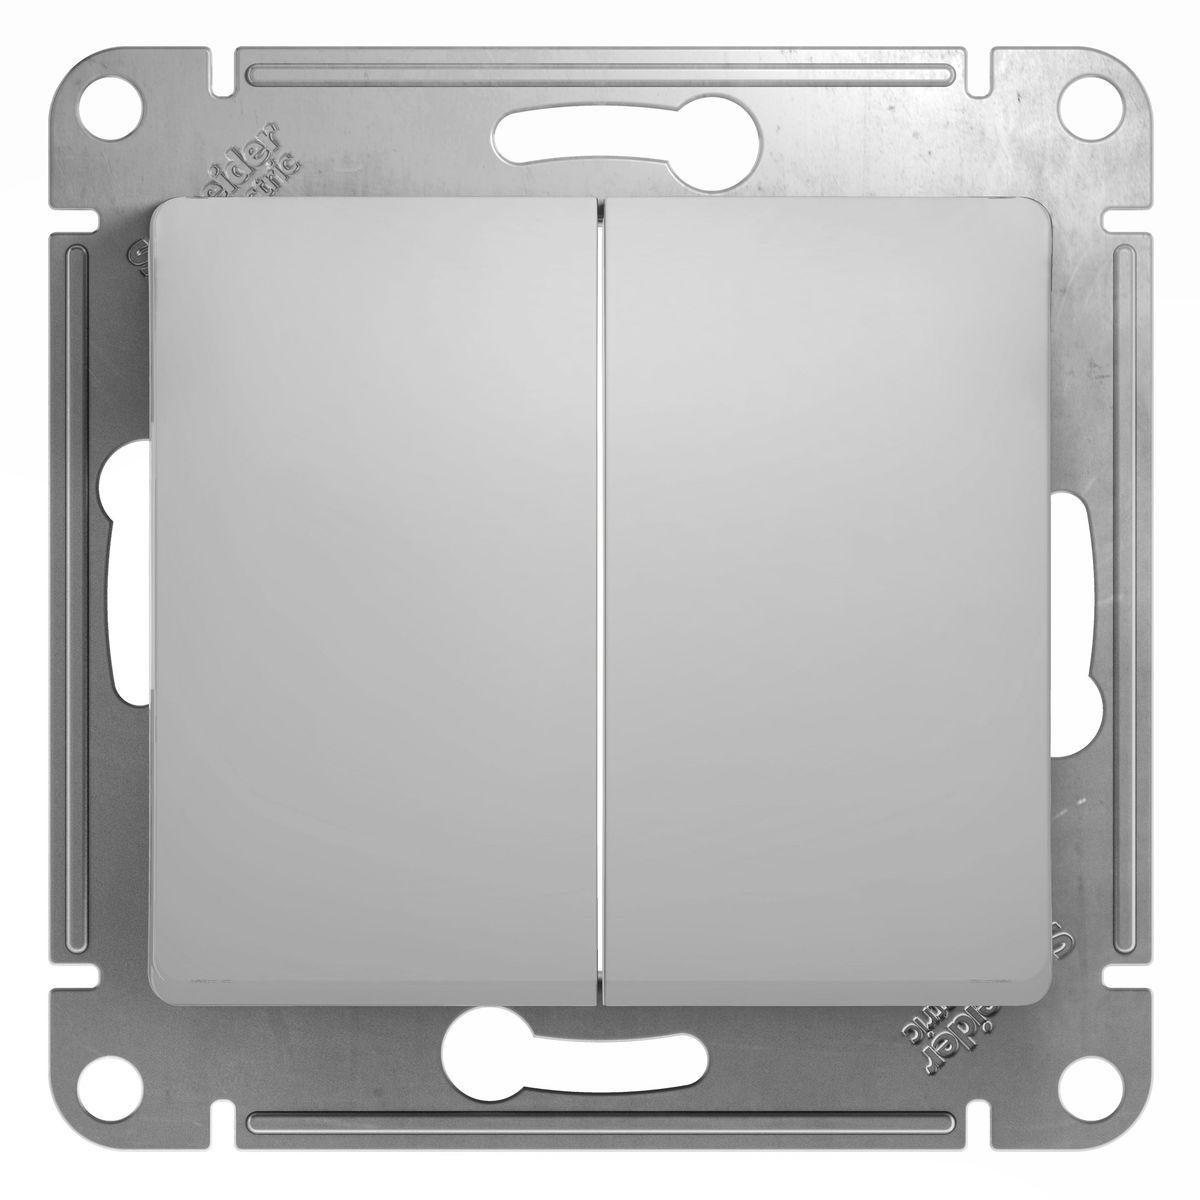 Выключатель Schneider Electric Glossa, двойной, цвет: алюминийGSL000351Двойной выключатель Schneider Electric Glossa предназначен для скрытой установки. Изделие выполнено из прочного пластика и стали. Выключатель имеет специальные фиксаторы, которые не дают ему смещаться как при монтаже, так и в процессе эксплуатации. Винтовые зажимы кабеля обеспечивают надежную установку к электросети с помощью отвертки. Такой выключатель станет удачным решением для дома и дачи.